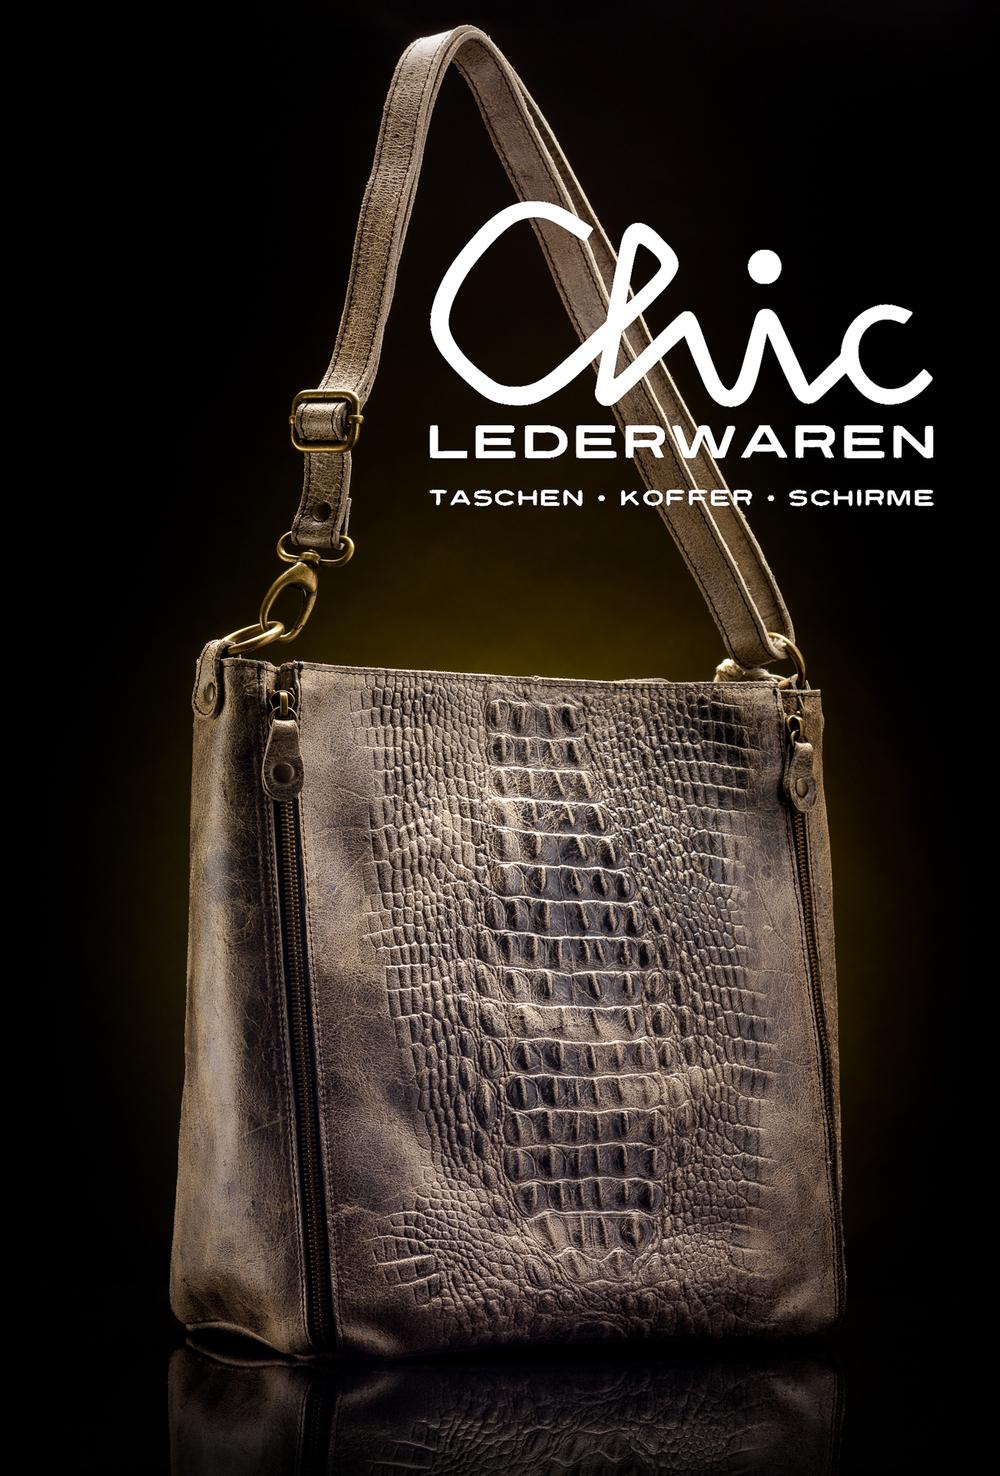 Handtasche Chic 01 Produkt Advertising Werbung by JHofer-Foto Juergen Hofer